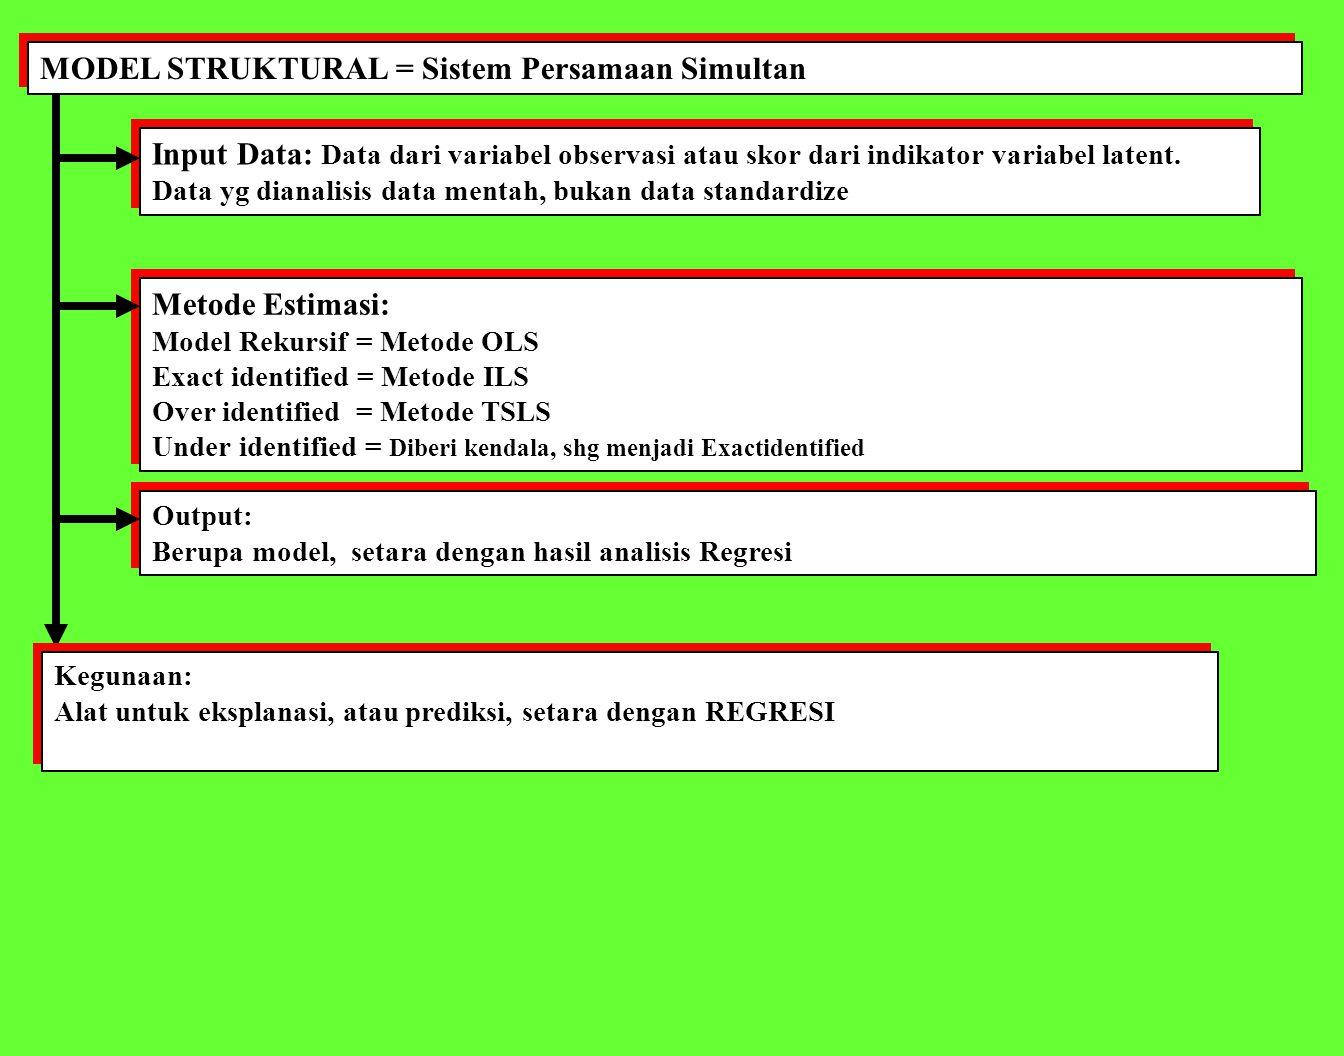 MODEL STRUKTURAL = Sistem Persamaan Simultan